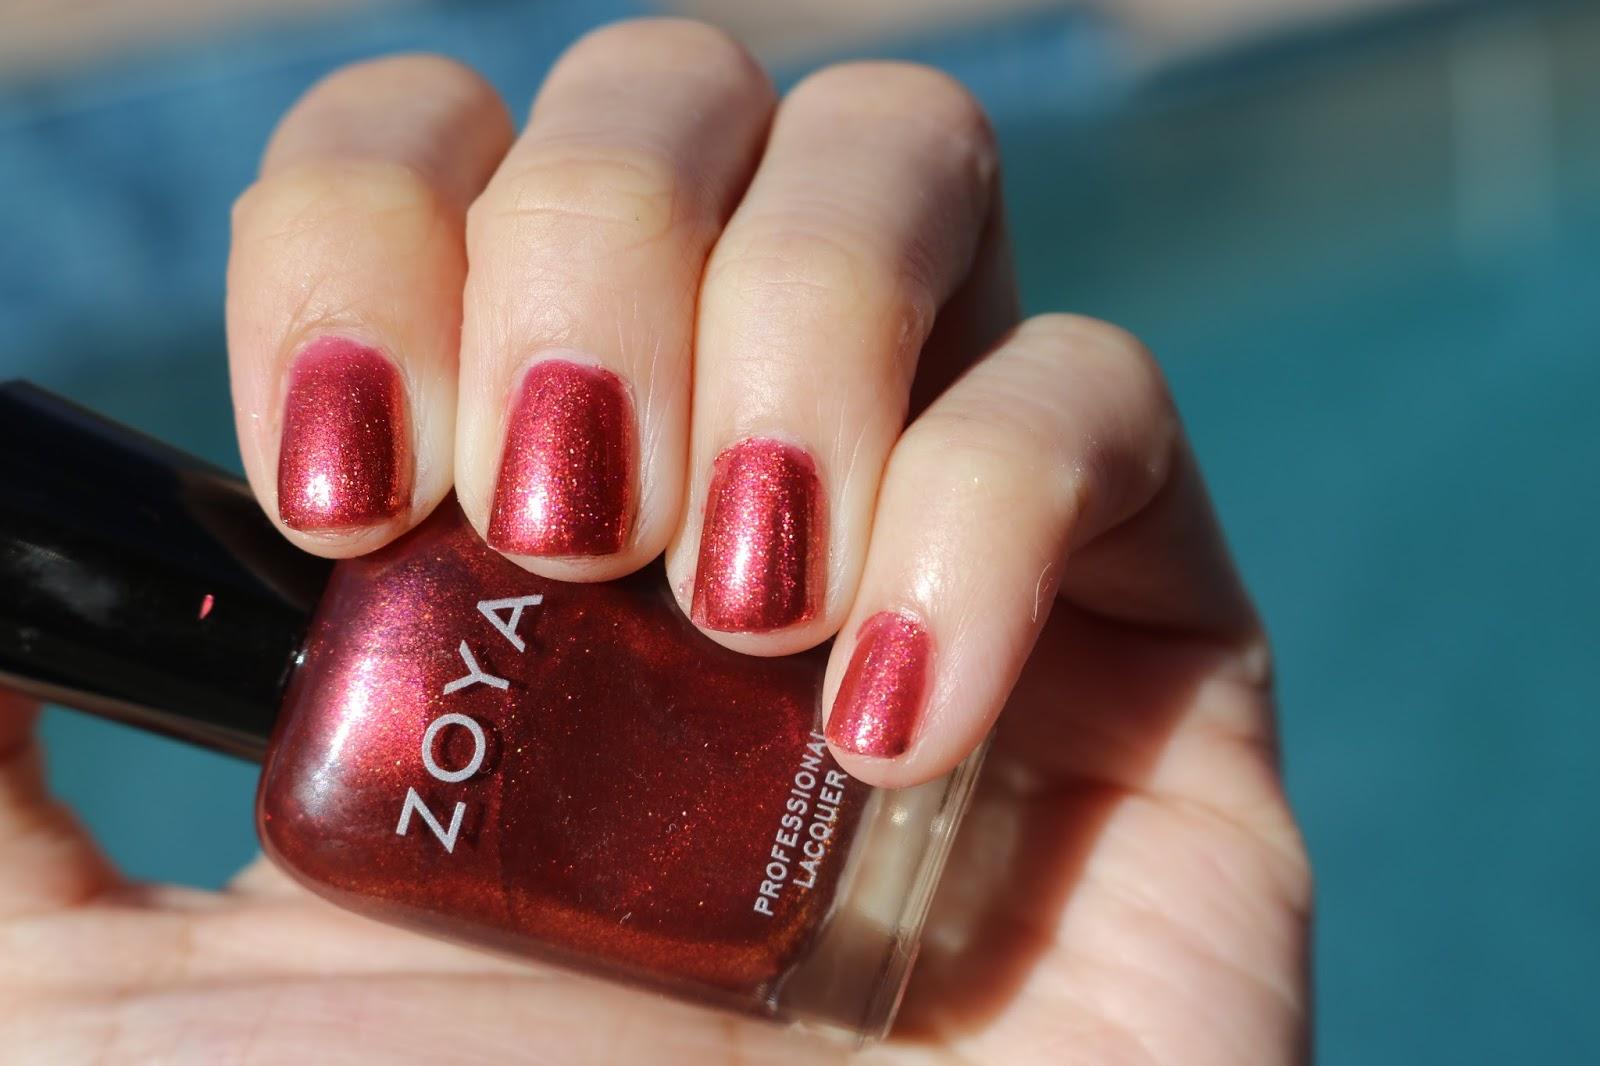 Zoya Tawny